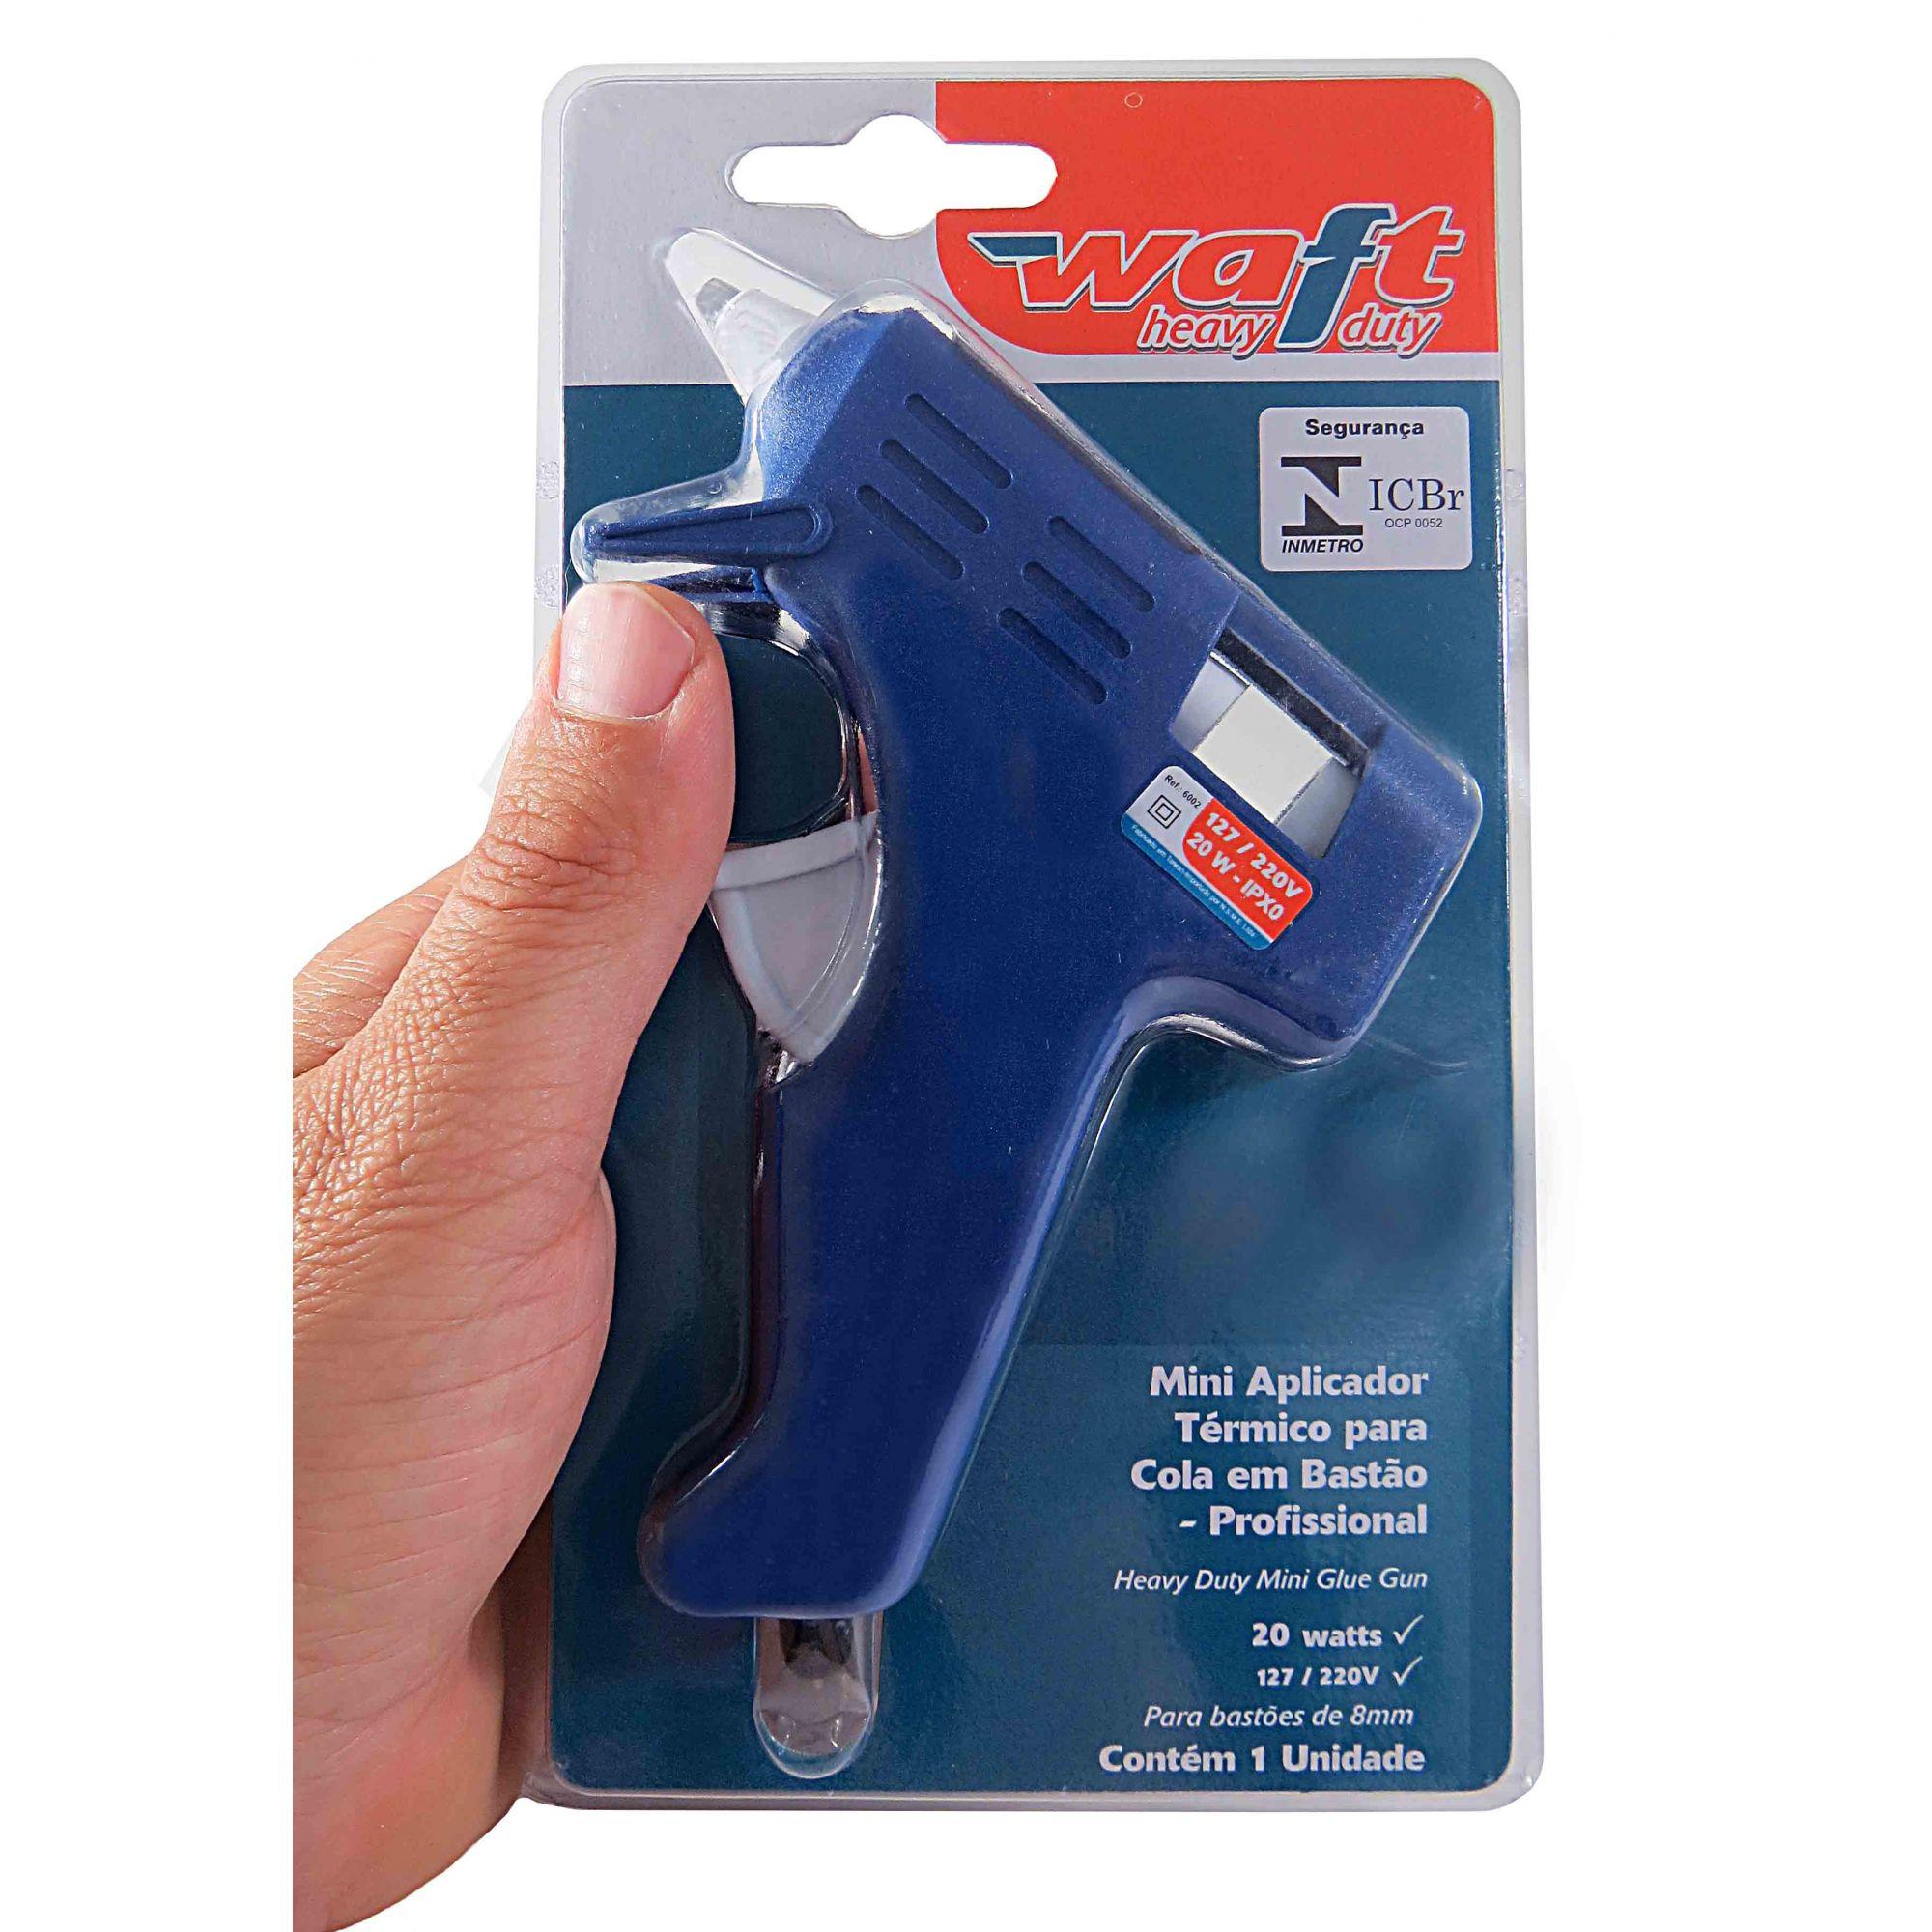 Pistola De Cola Quente Bivolt 20w Aplicador Cola Bastão Waft